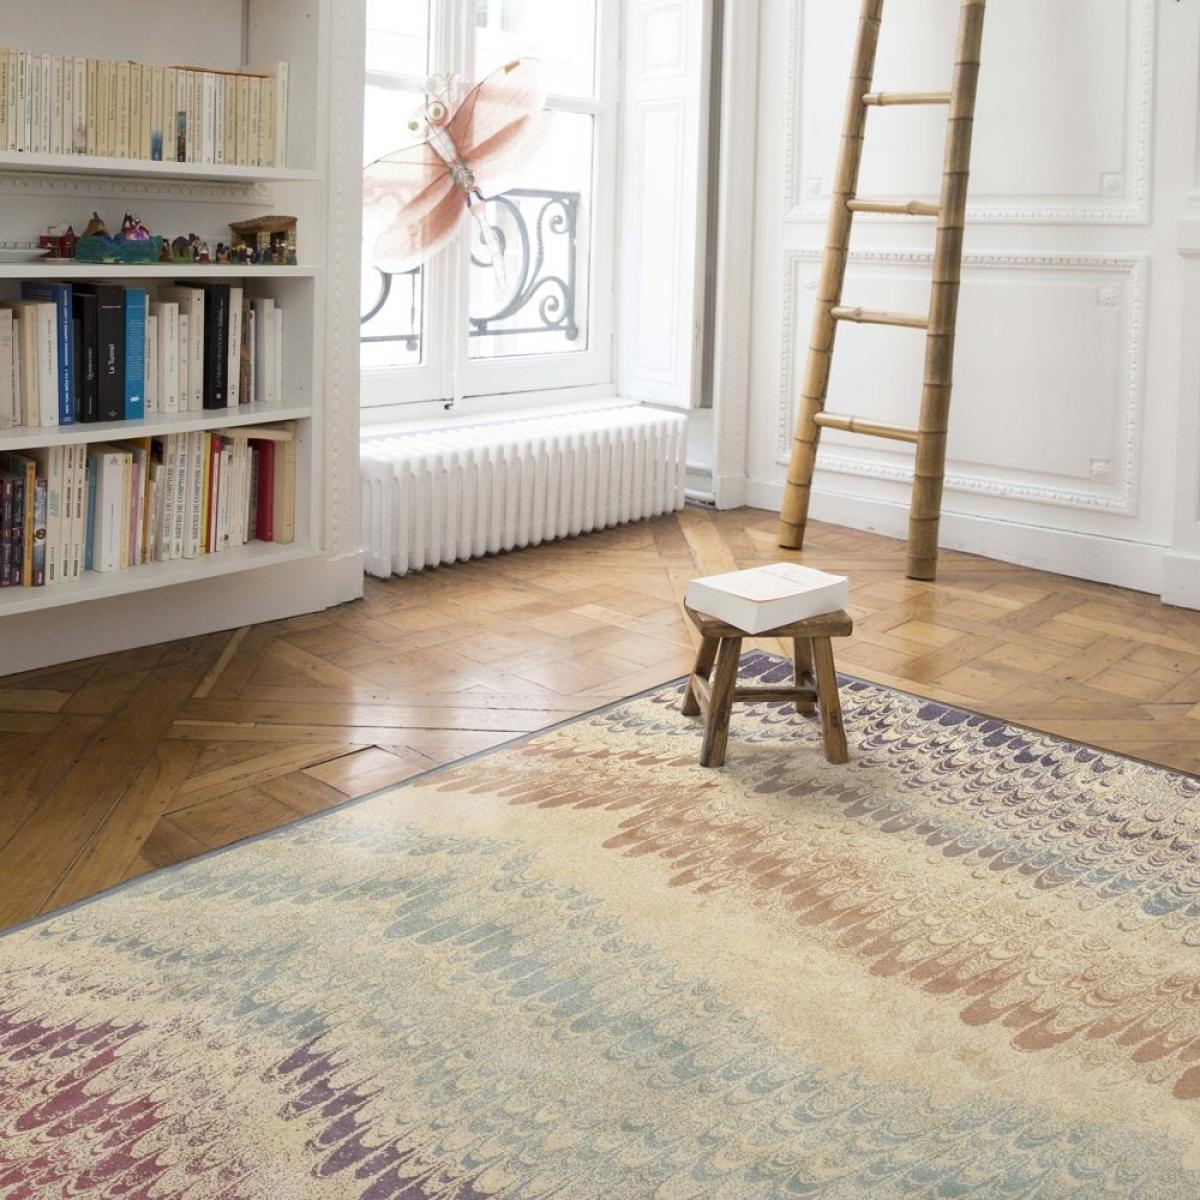 Teppich montapis pfau bunt - Teppich wohnzimmer bunt ...